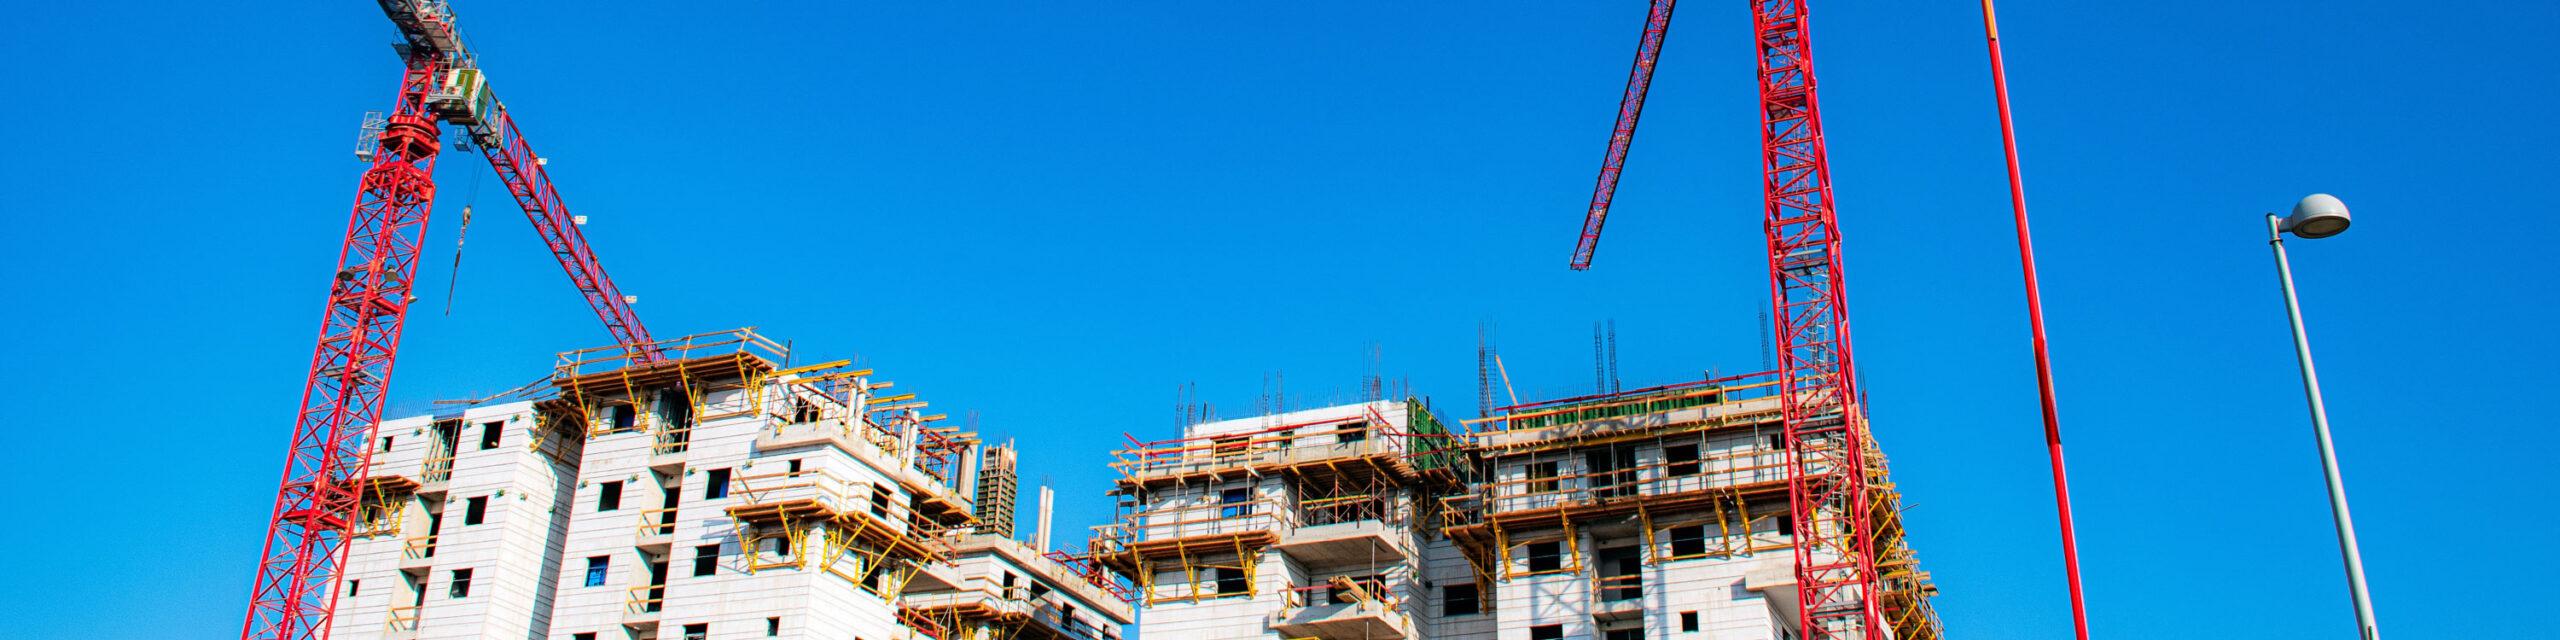 Fastighetsvärdering, exploateringsfastigheter. Byggarbetsplats. Foto av: Ri Butov